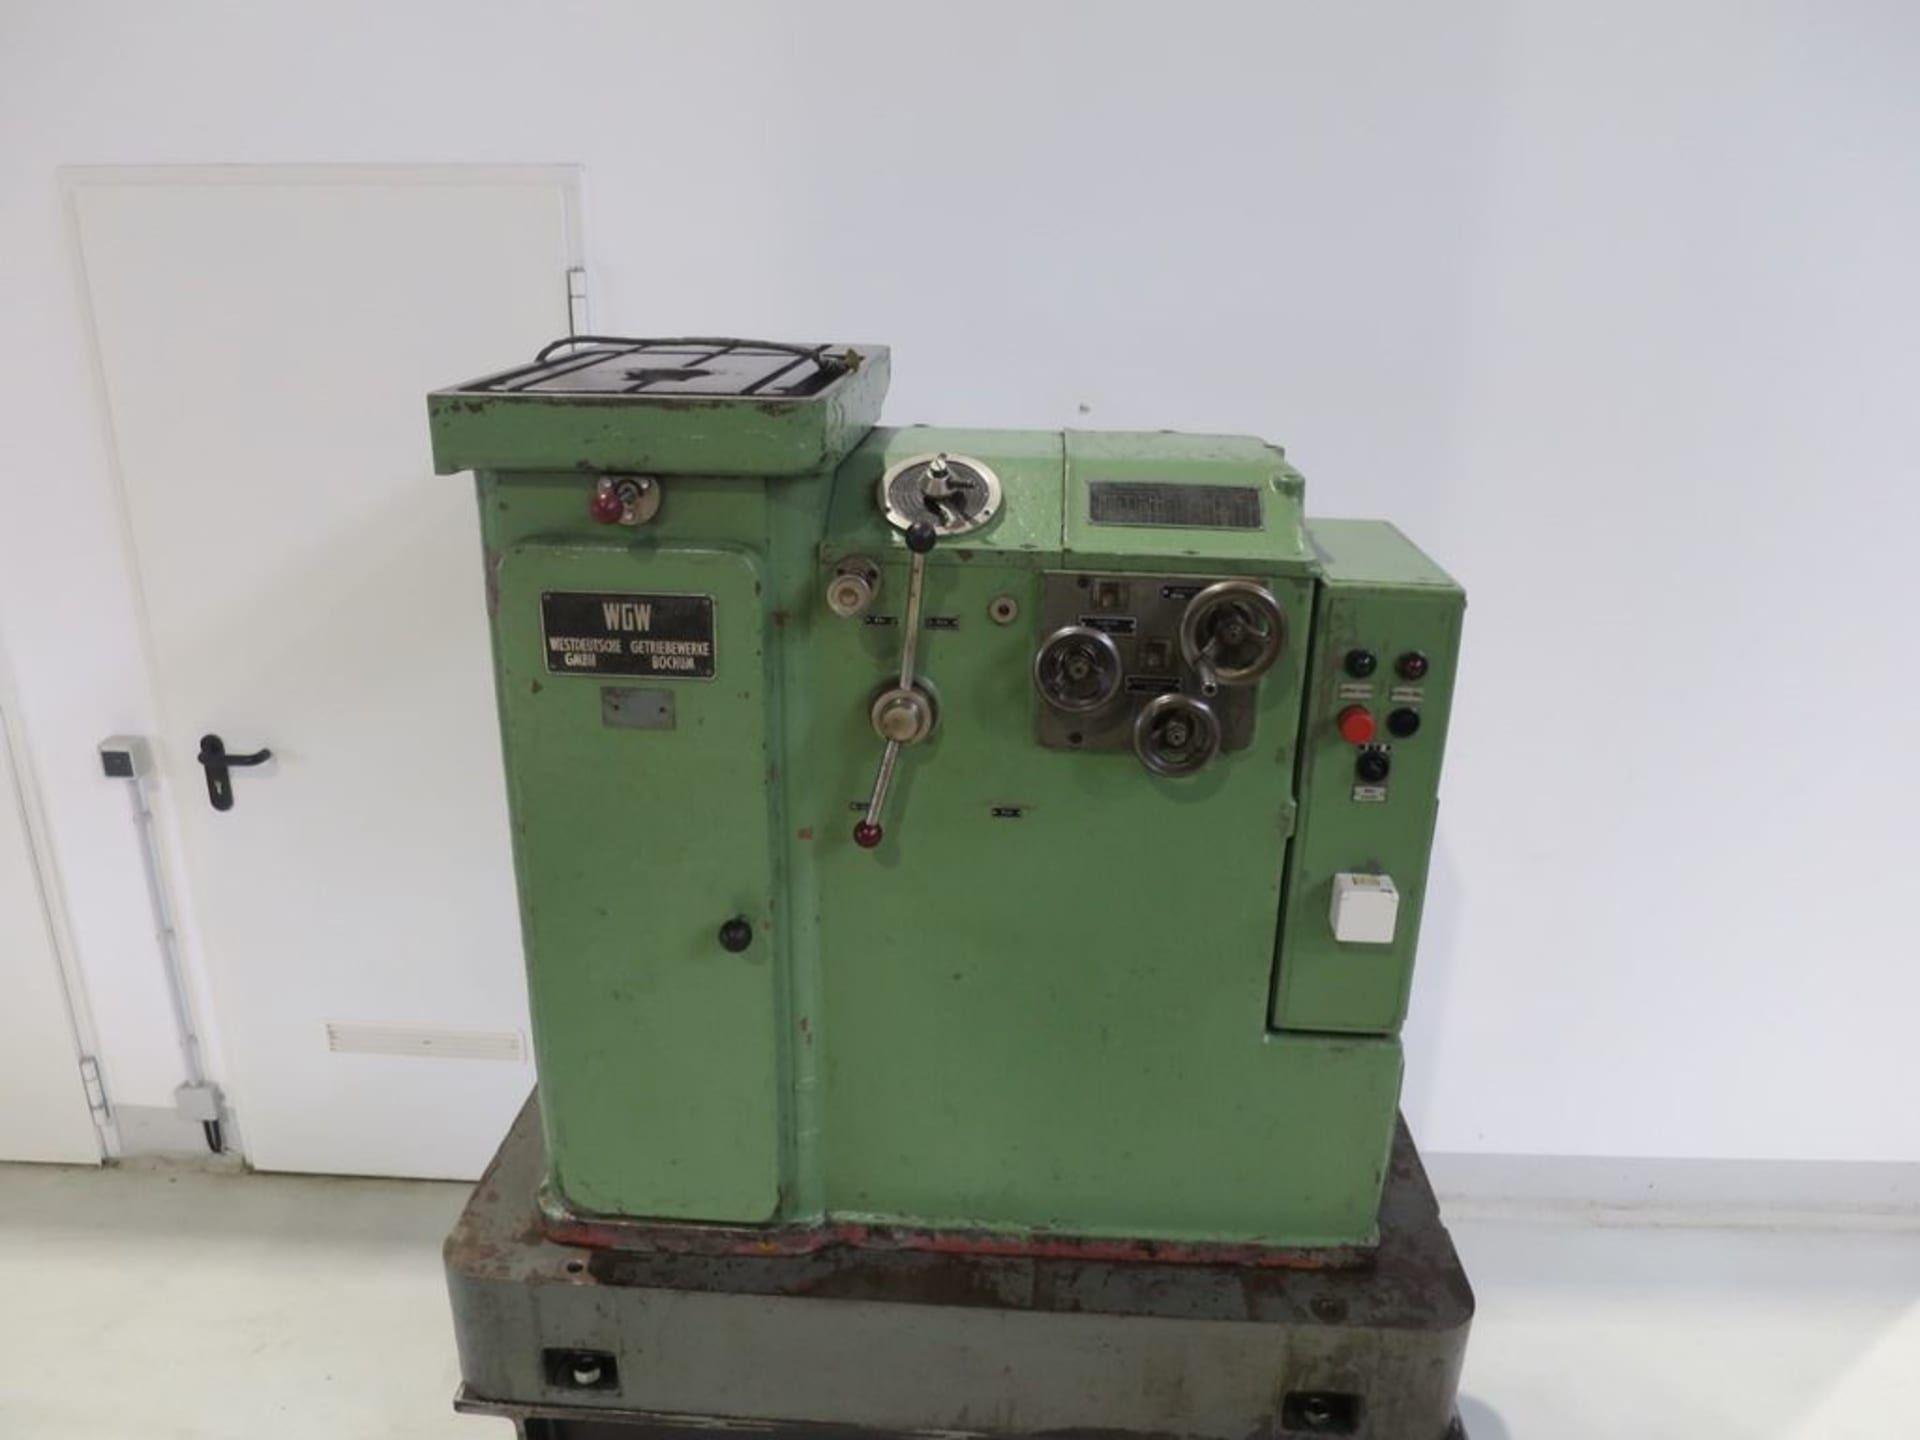 WGW NZH 70 / 650 Keilnutenziehmaschine